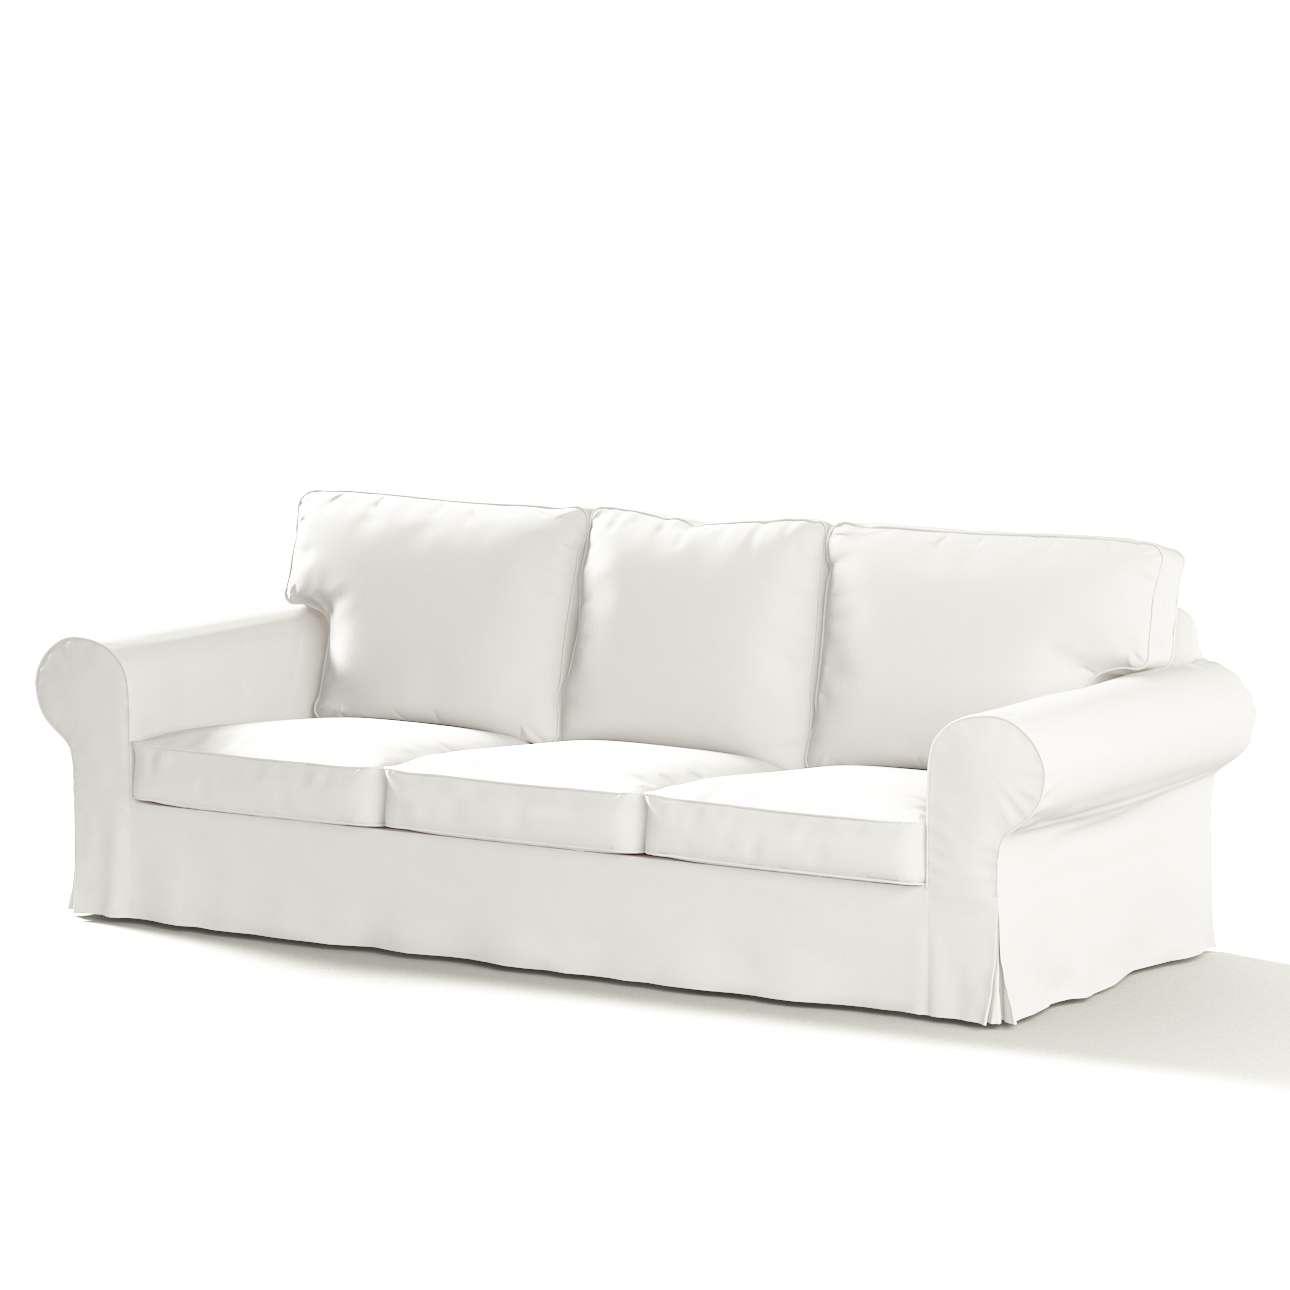 Bezug für Ektorp 3-Sitzer Sofa nicht ausklappbar von der Kollektion Cotton Panama, Stoff: 702-34